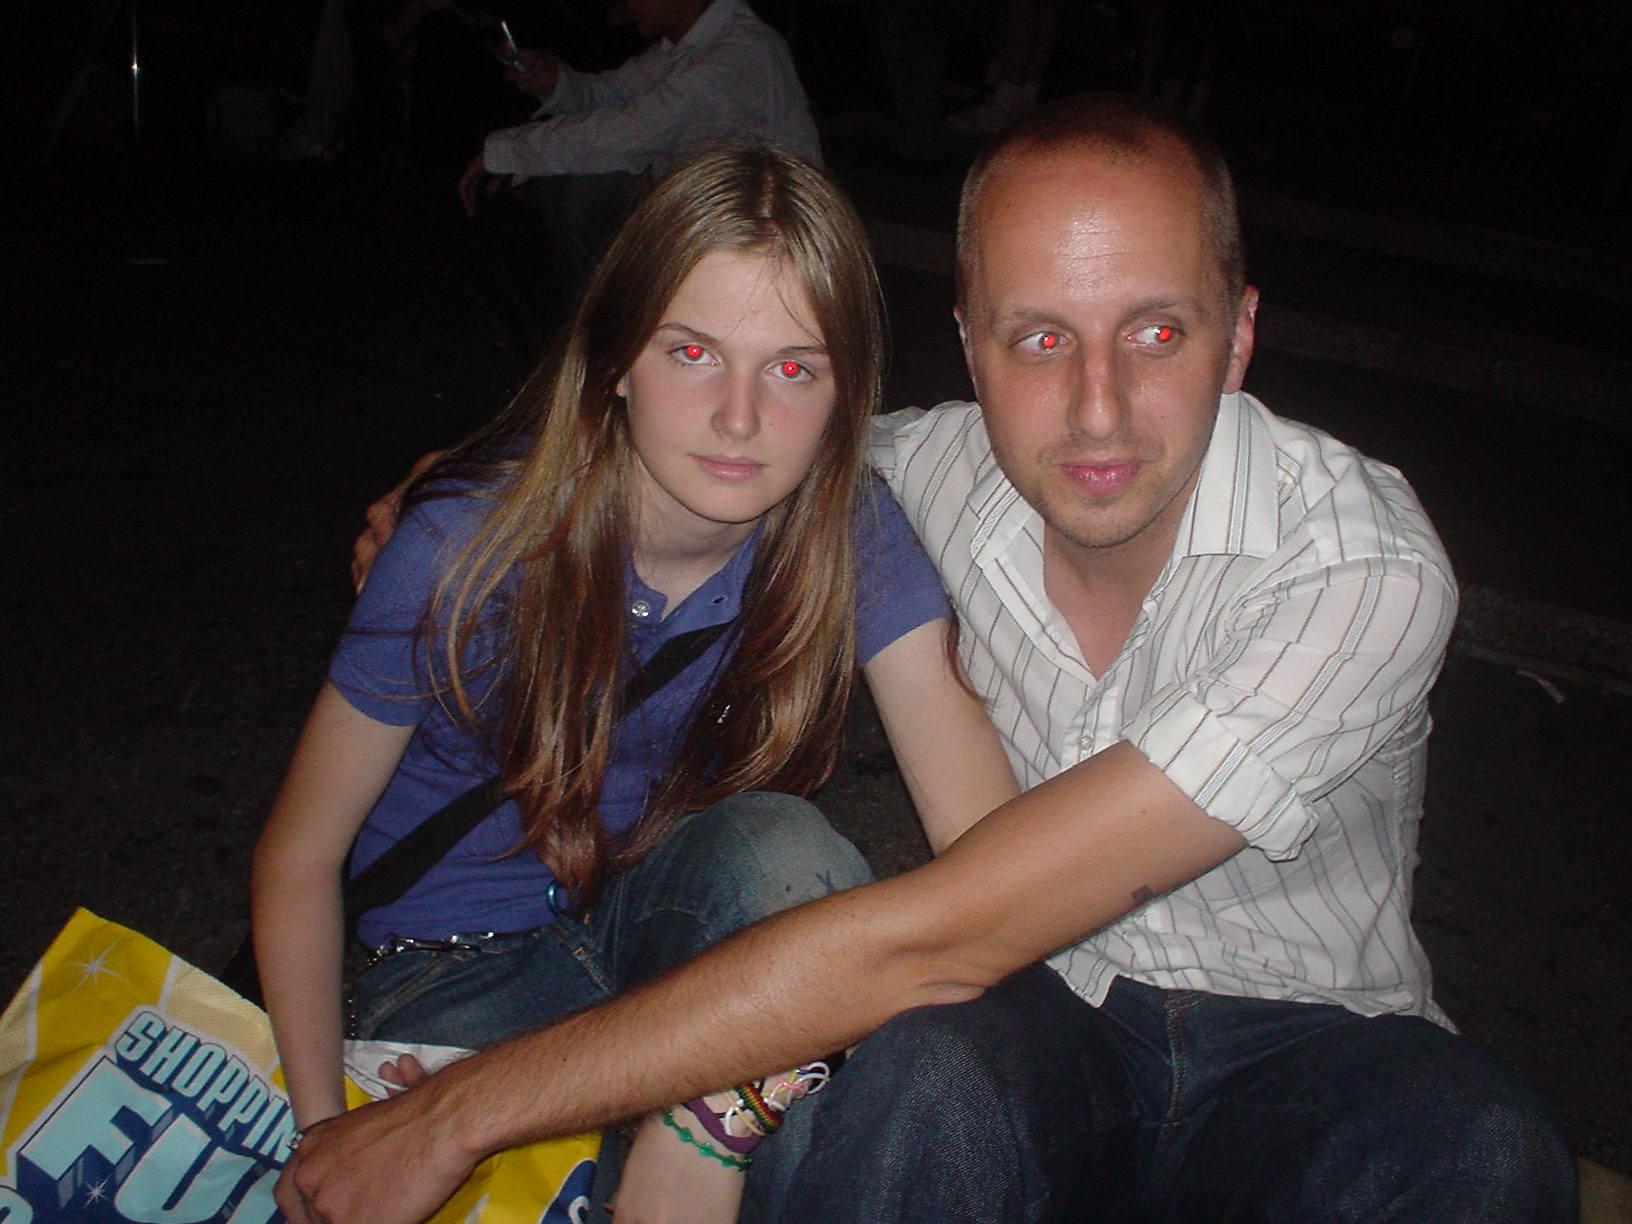 girl and bald man